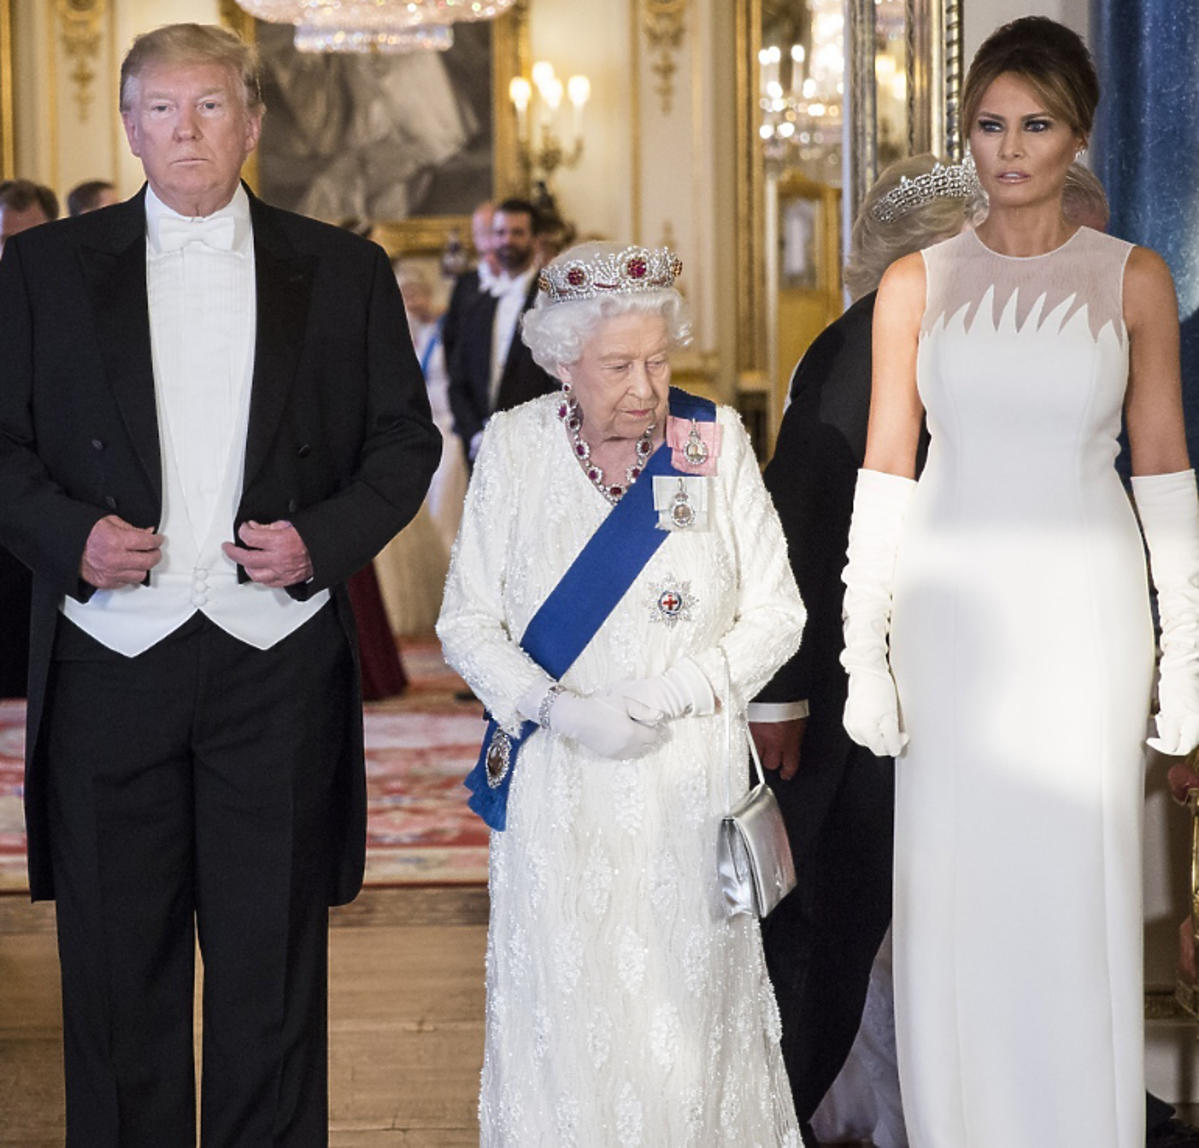 Królowa Elżbieta II na bankiecie z Donaldem Trumpem i jego żoną